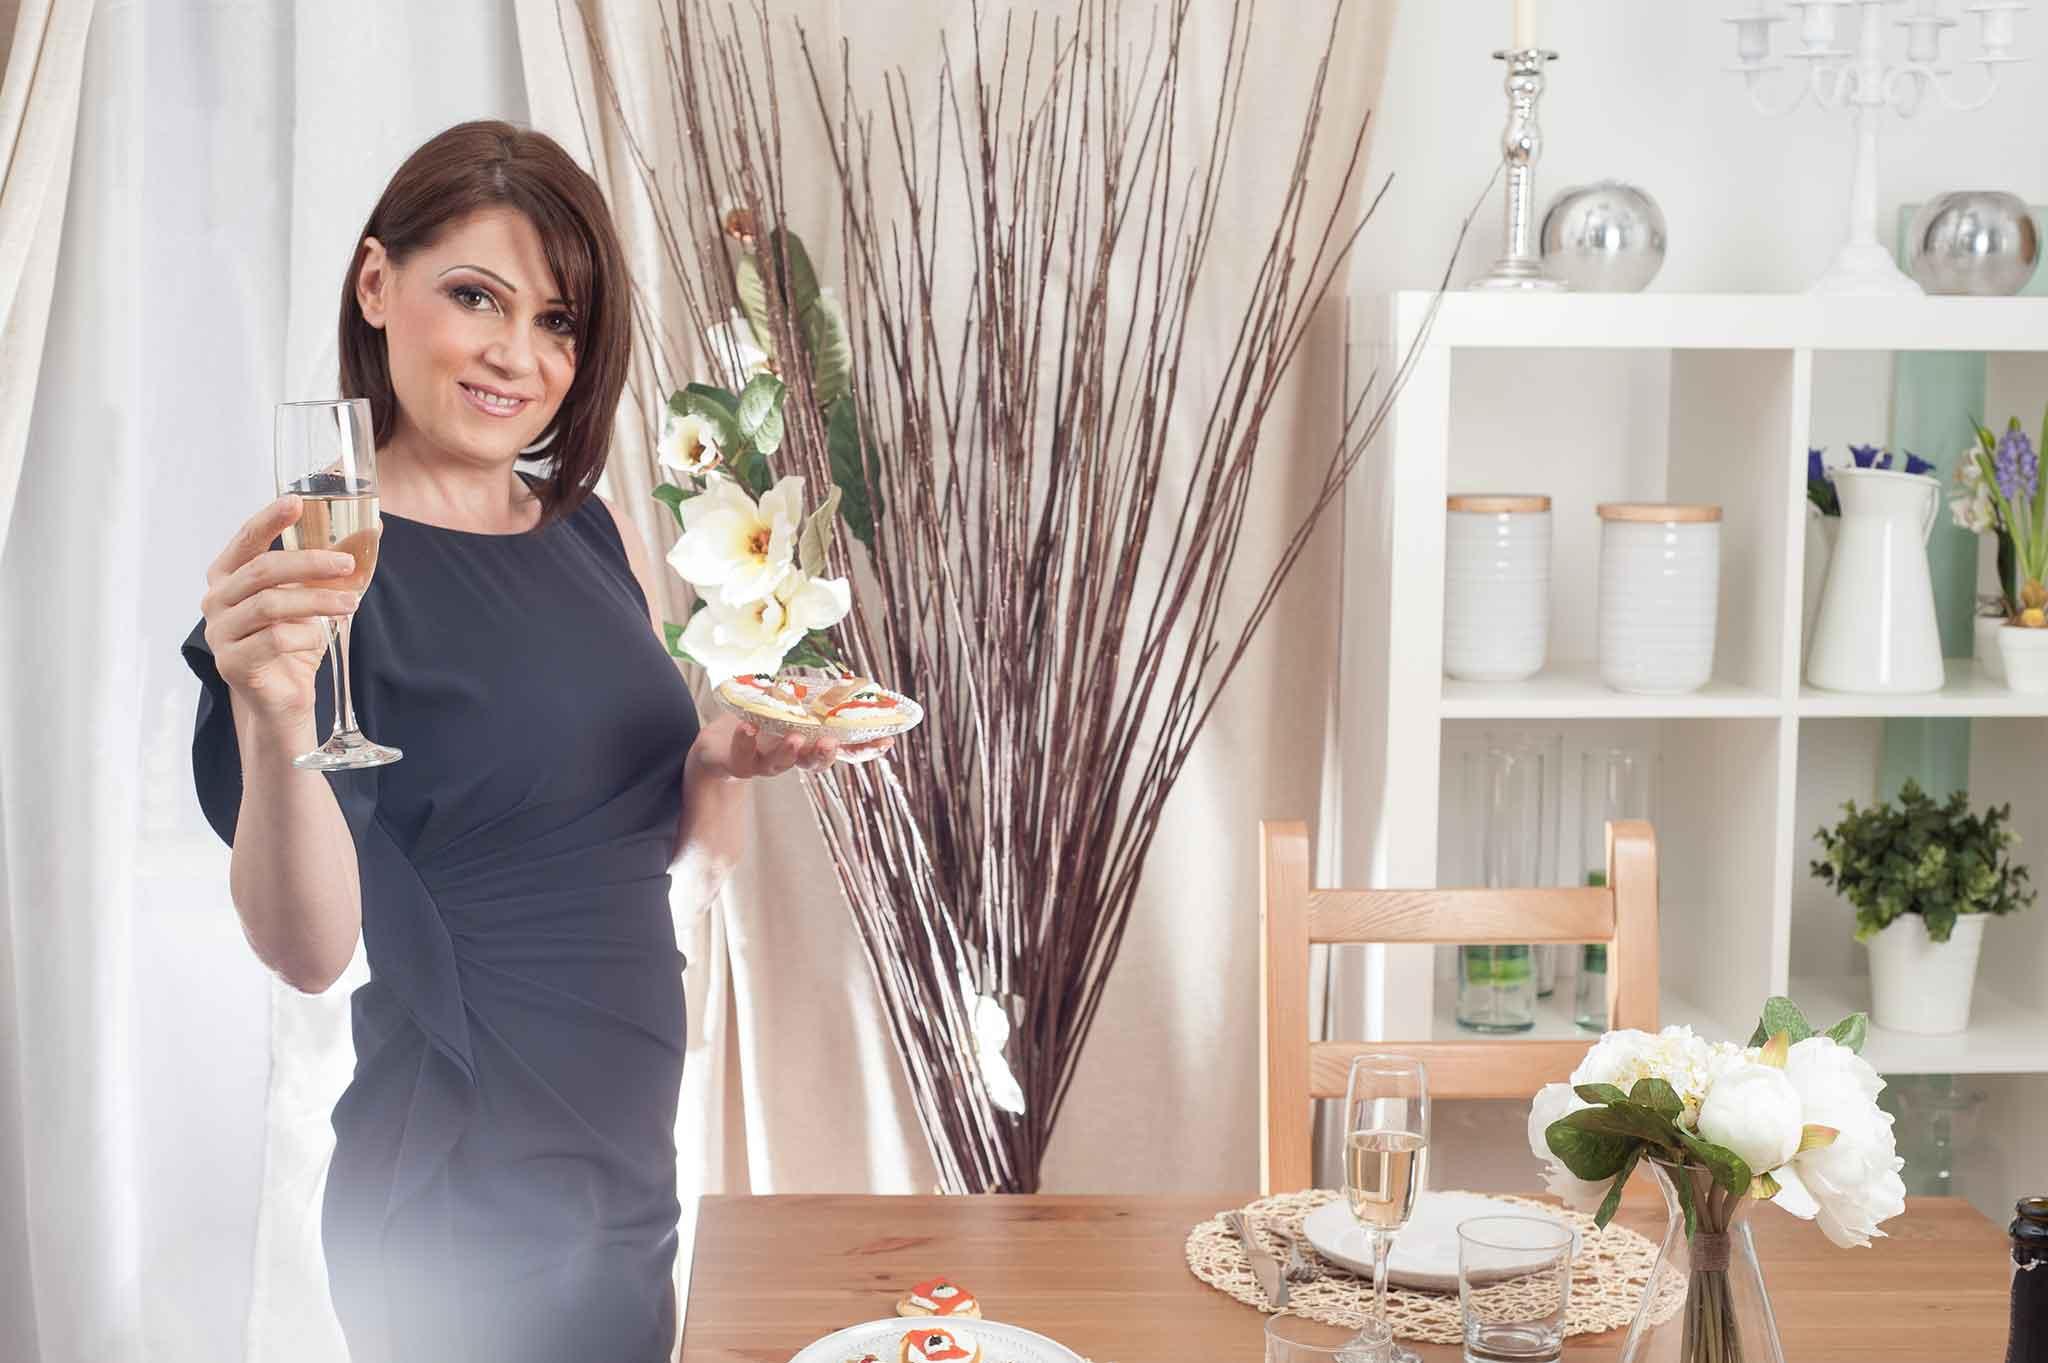 sonia peronaci blogger